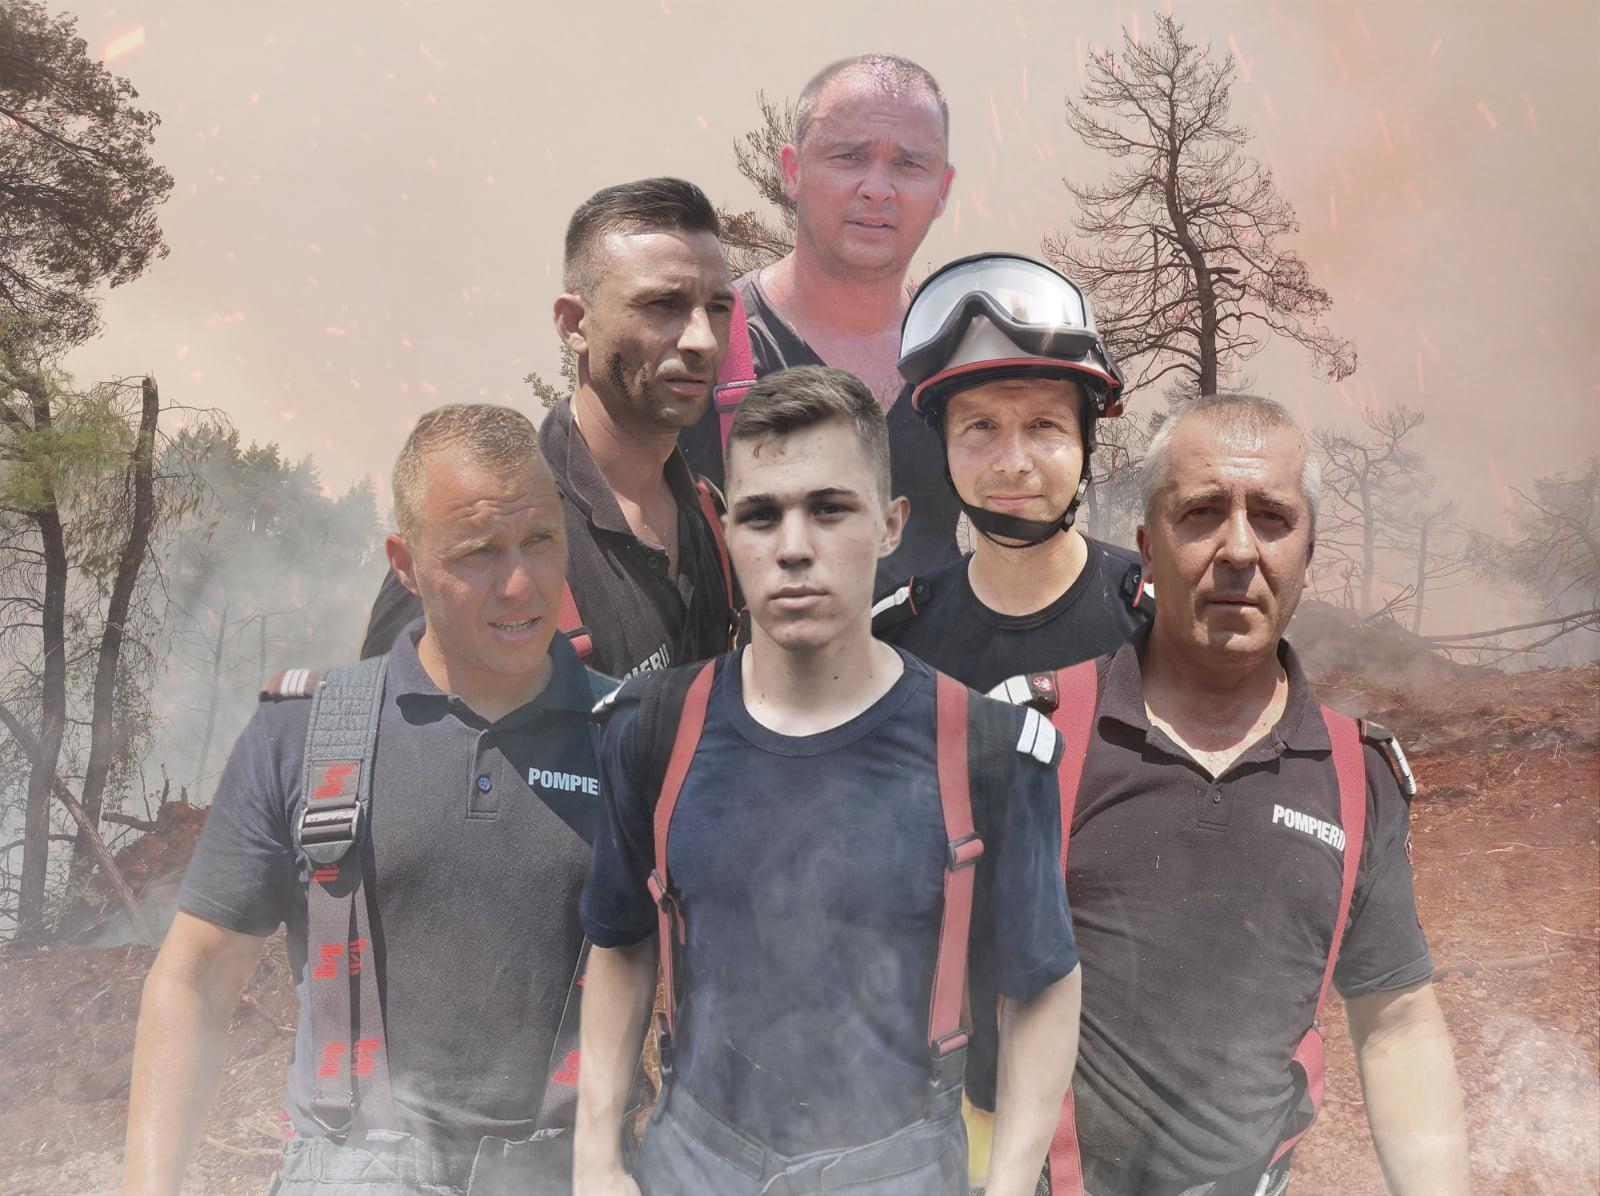 Misiune îndeplinită. Pompierii români trimiși în Grecia se întorc acasă, după ce incendiile au fost lichidate